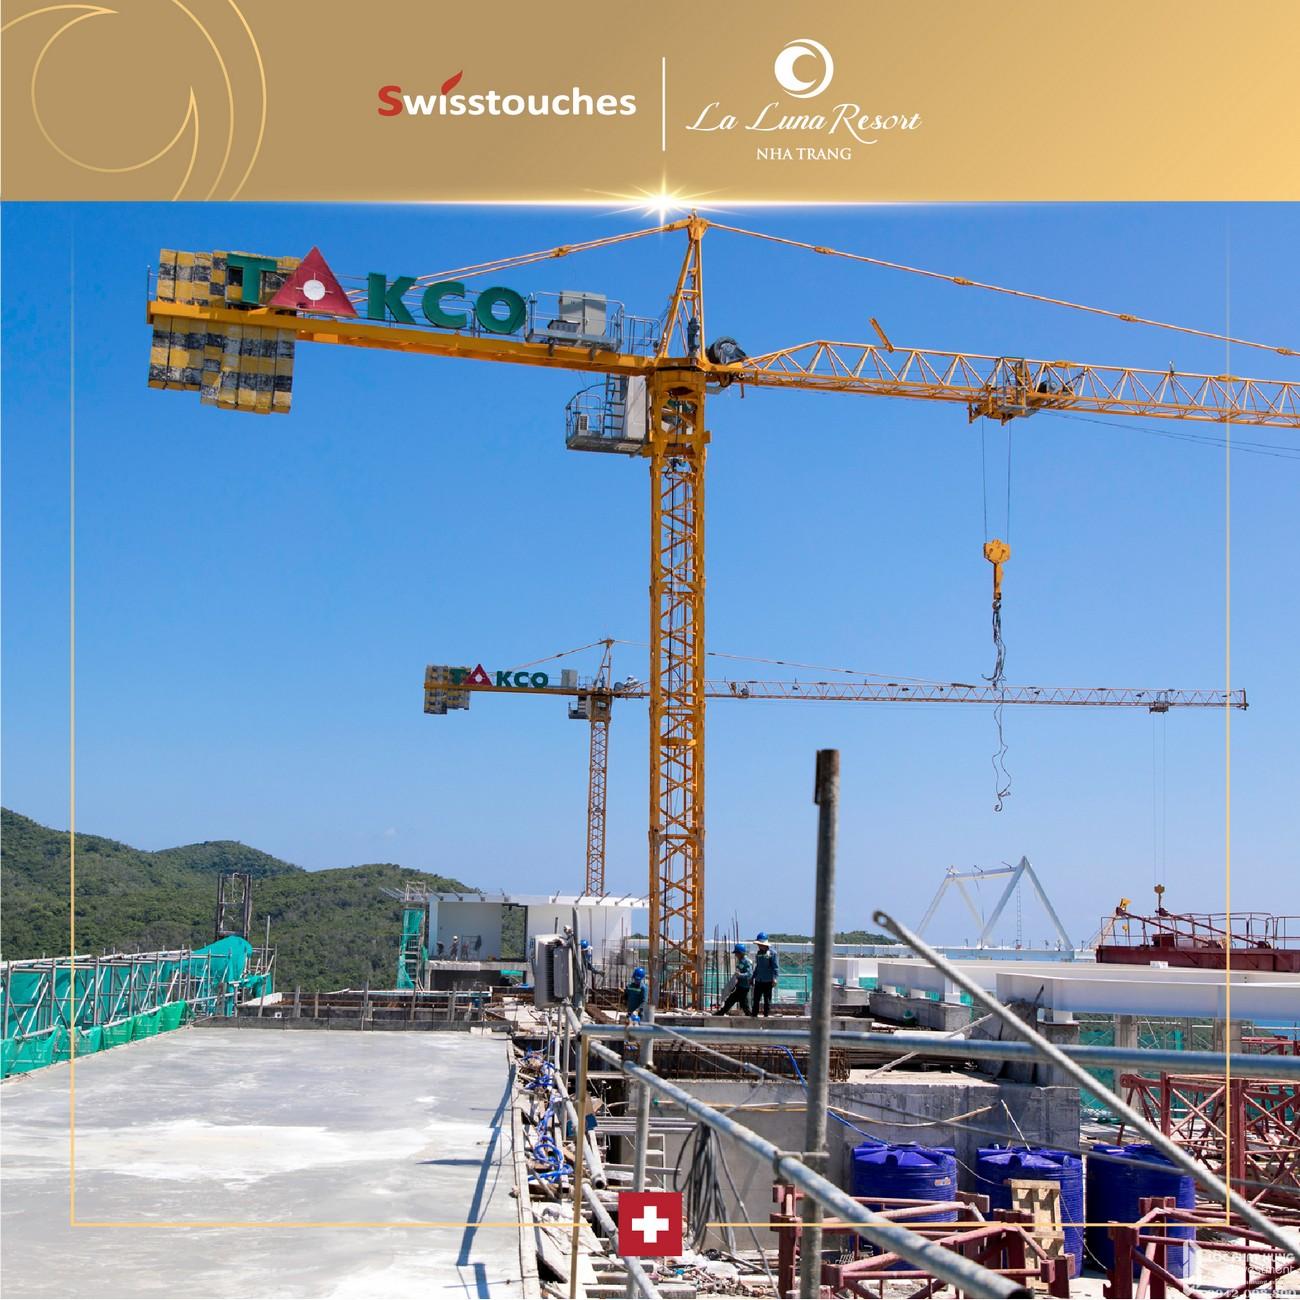 Tiến độ xây dựng dự án condotel La Luna Nha Trang 11/2019